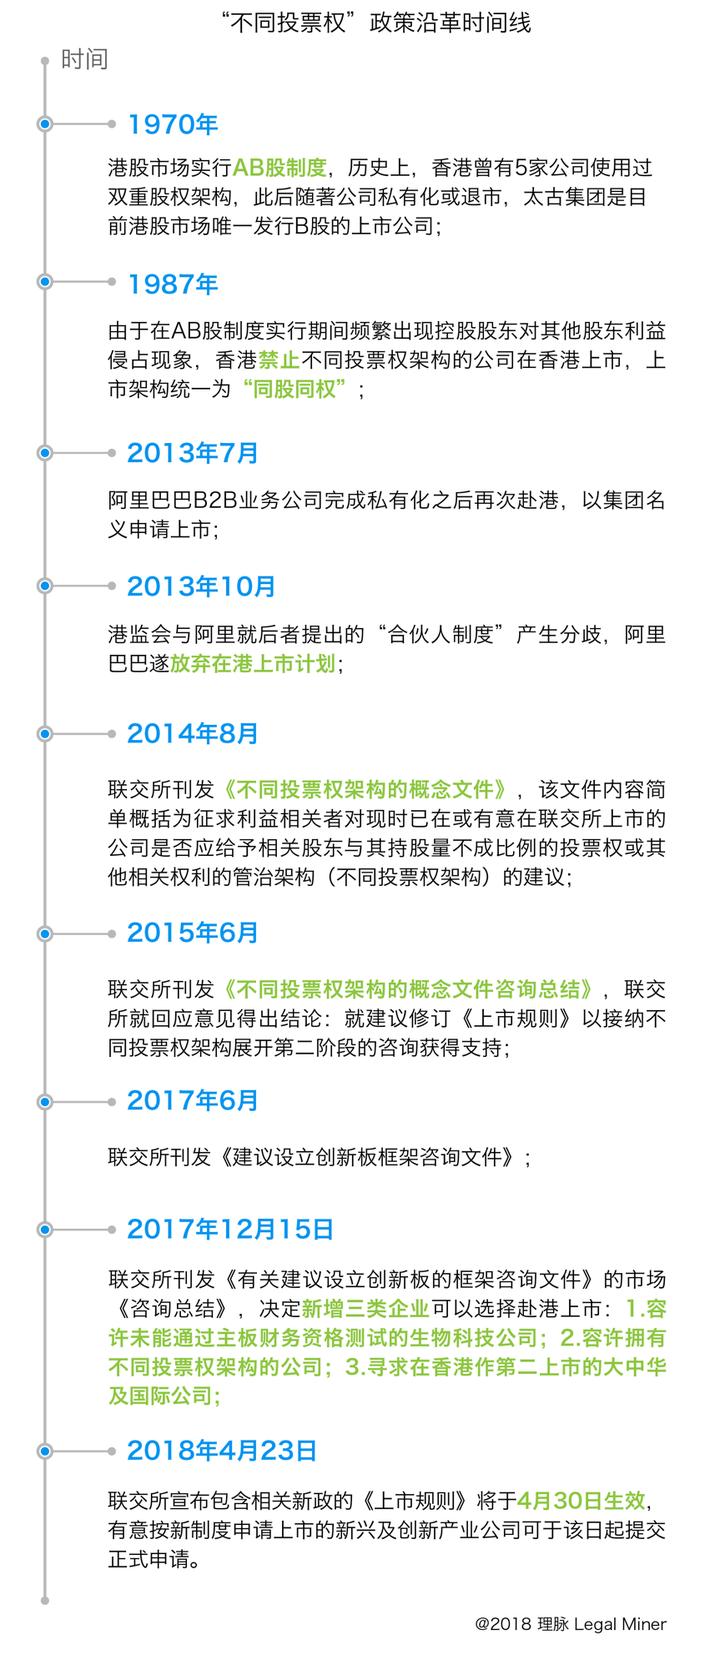 如何看待小米将在 2018 年 5 月 IPO 的消息?